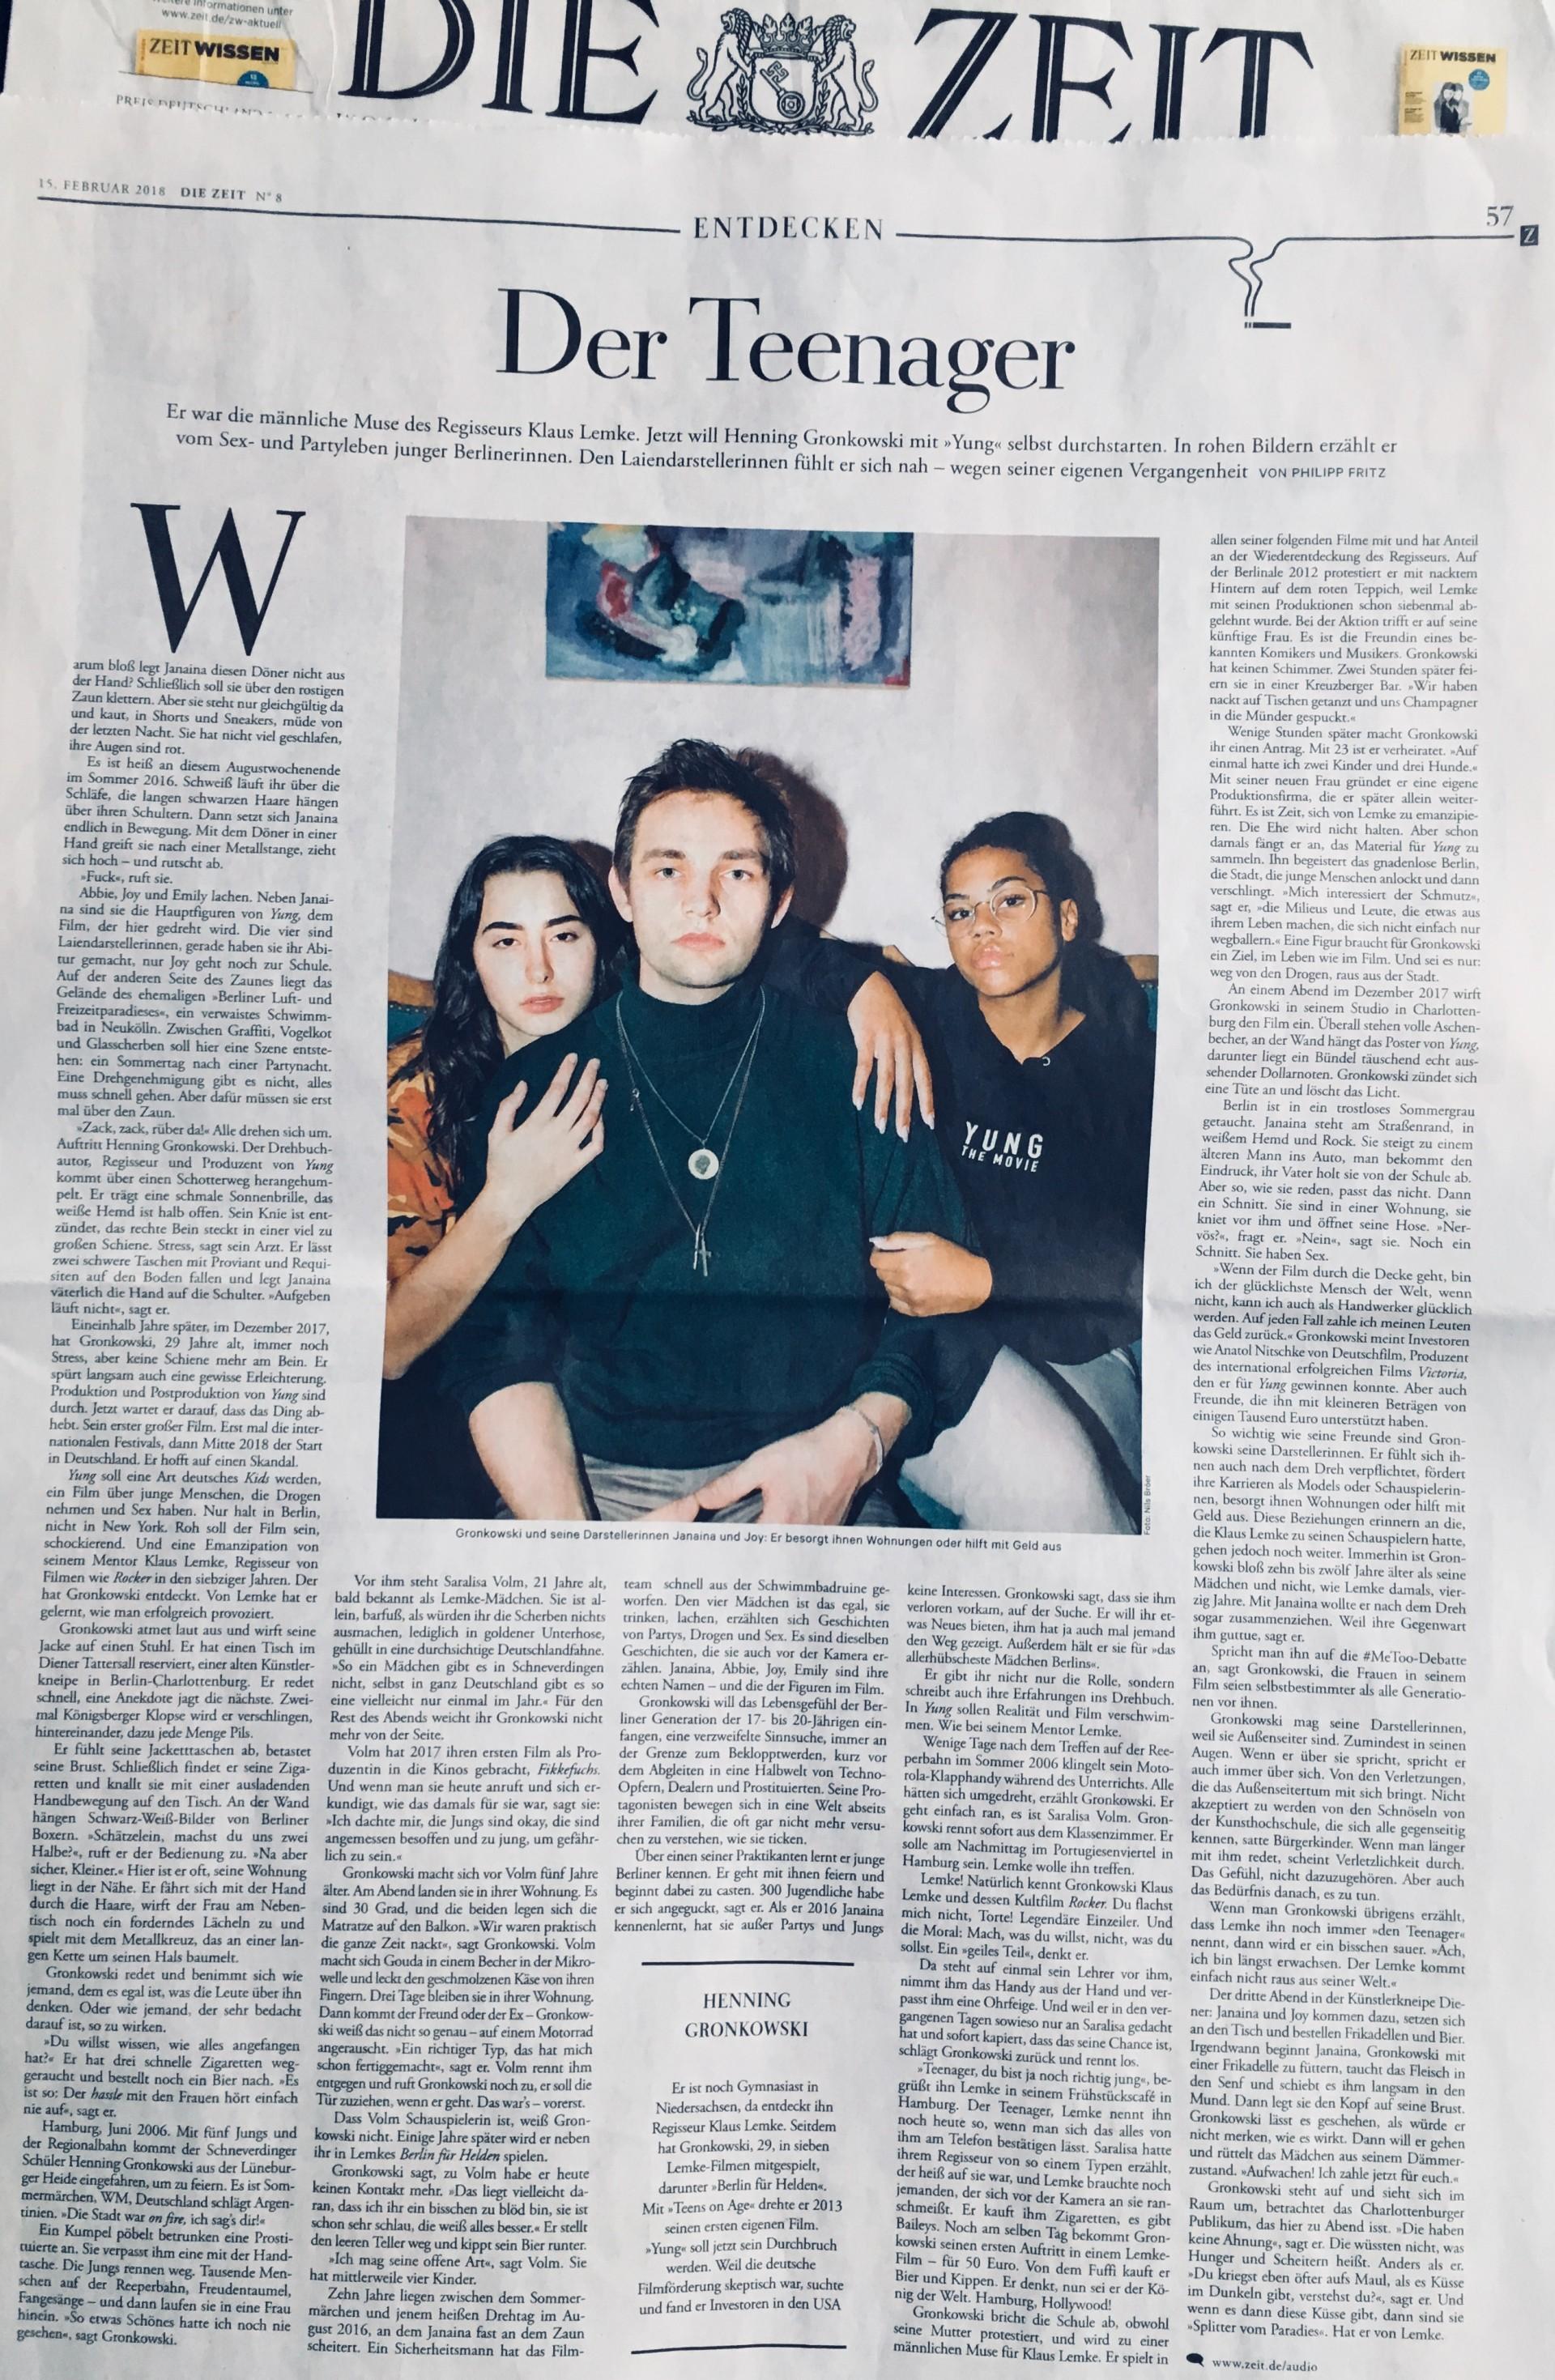 YUNG News